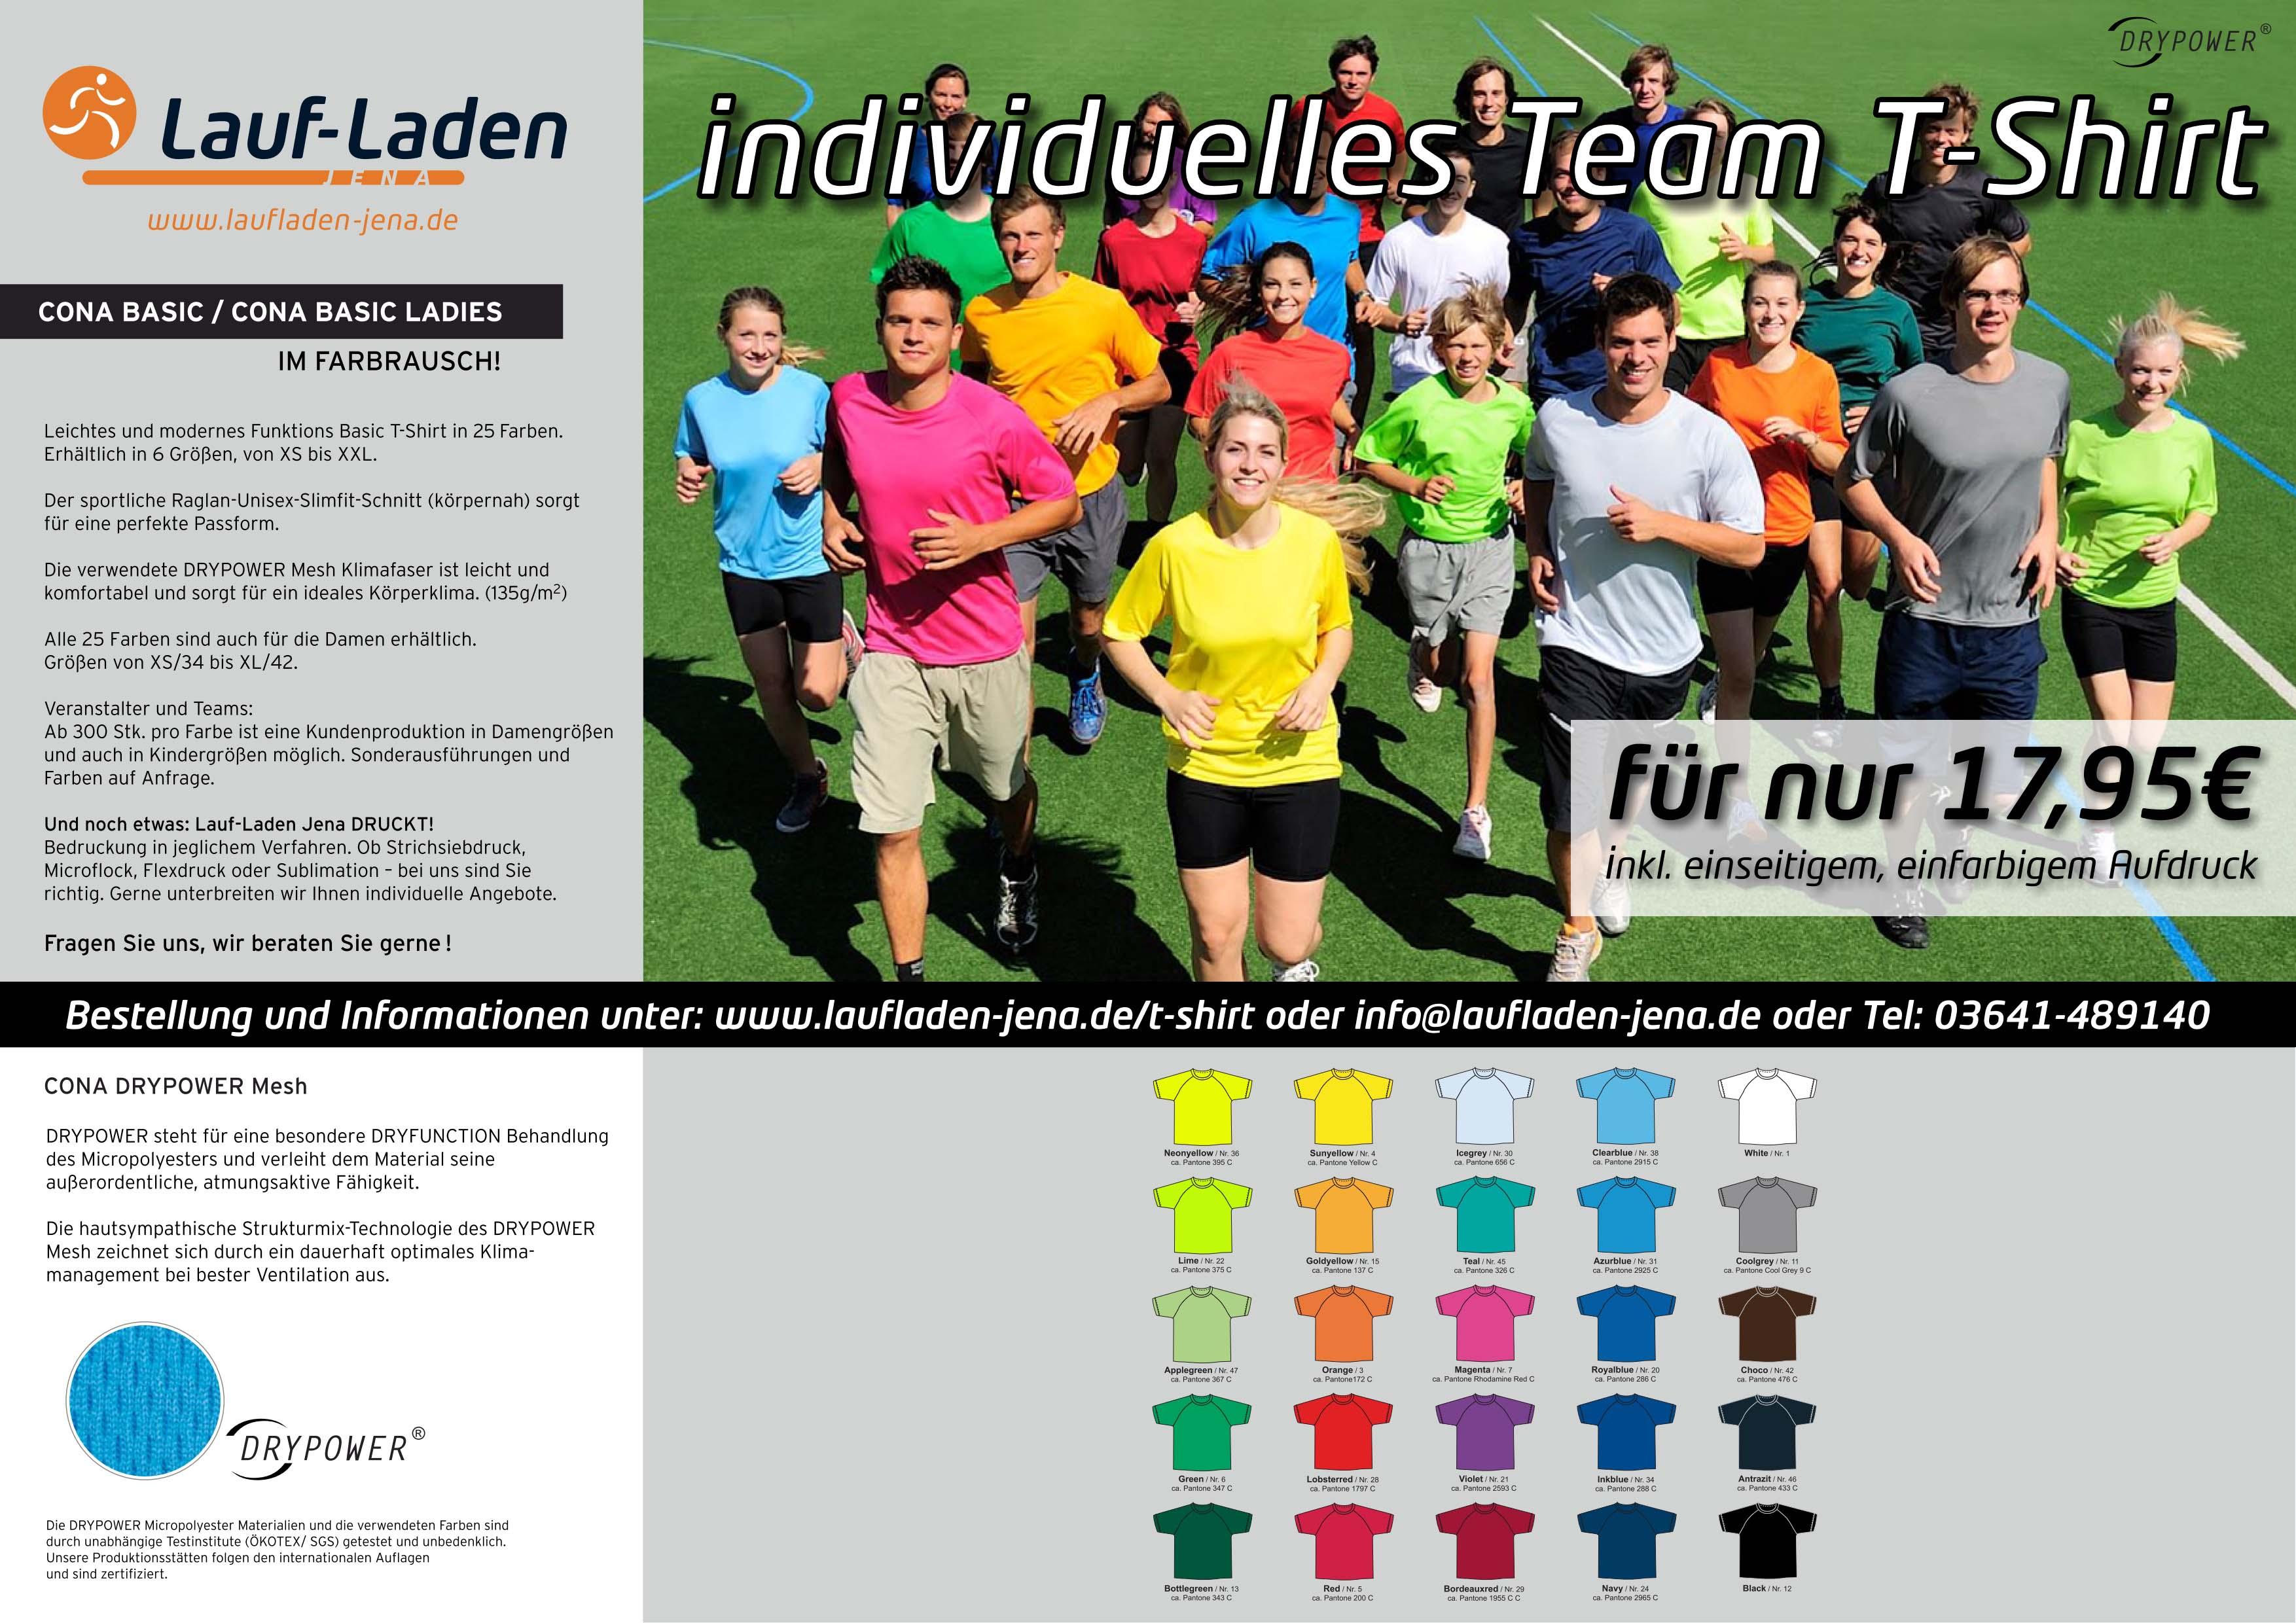 Firmenlauf T-Shirt 2016